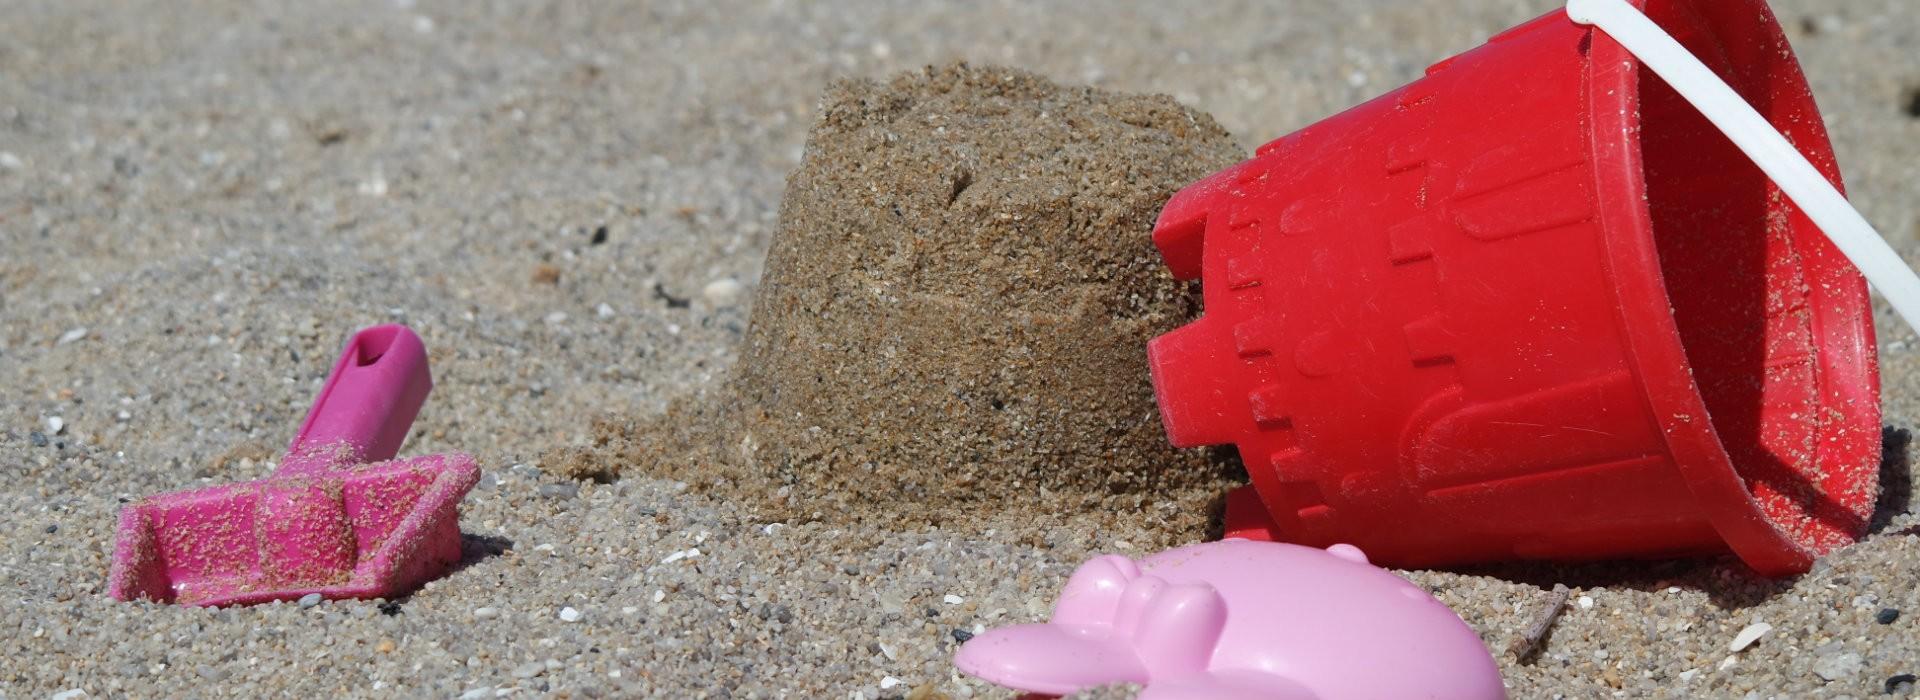 Pelles et seaux, tous à la plage à Piriac-sur-Mer